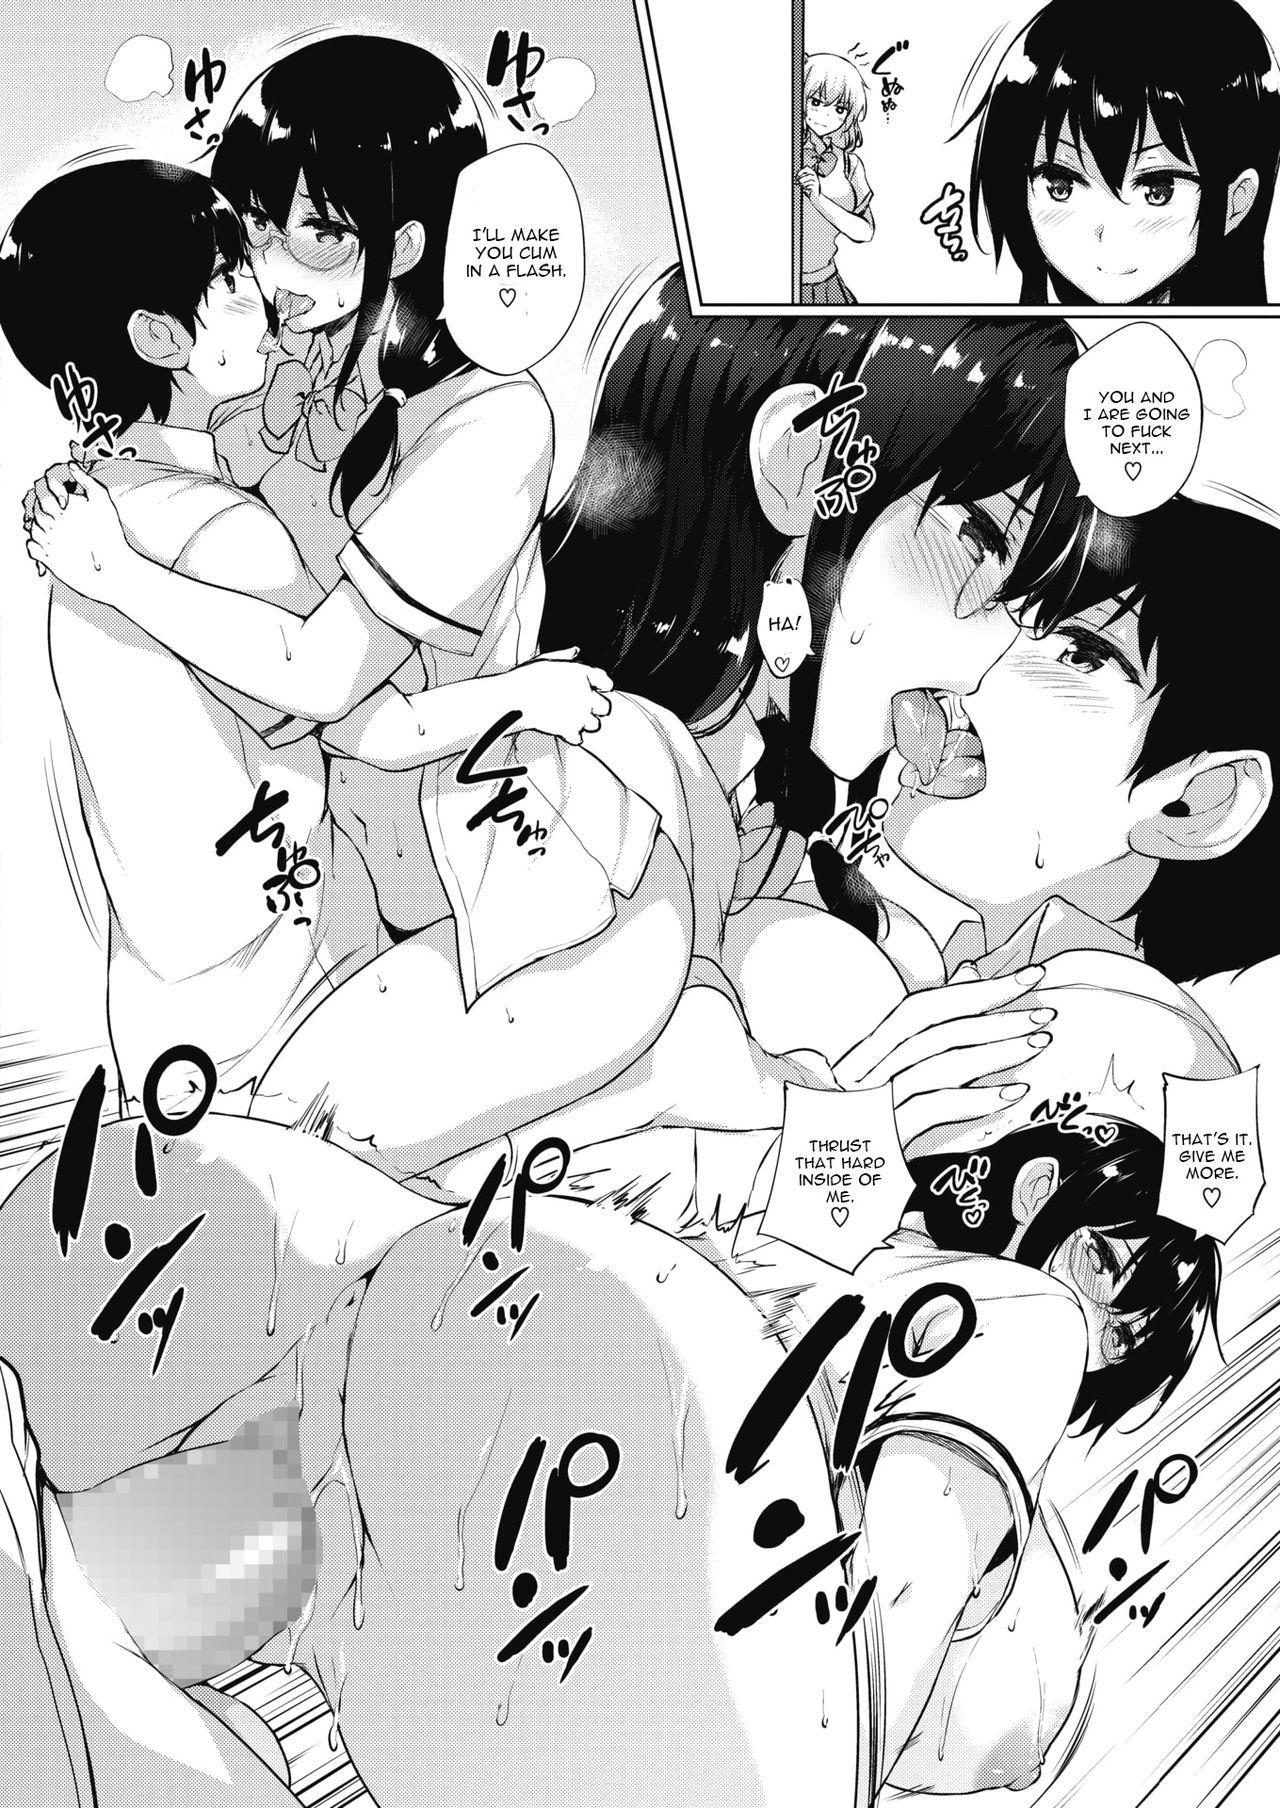 Eroge de Subete wa Kaiketsu Dekiru! Ch. 5 19